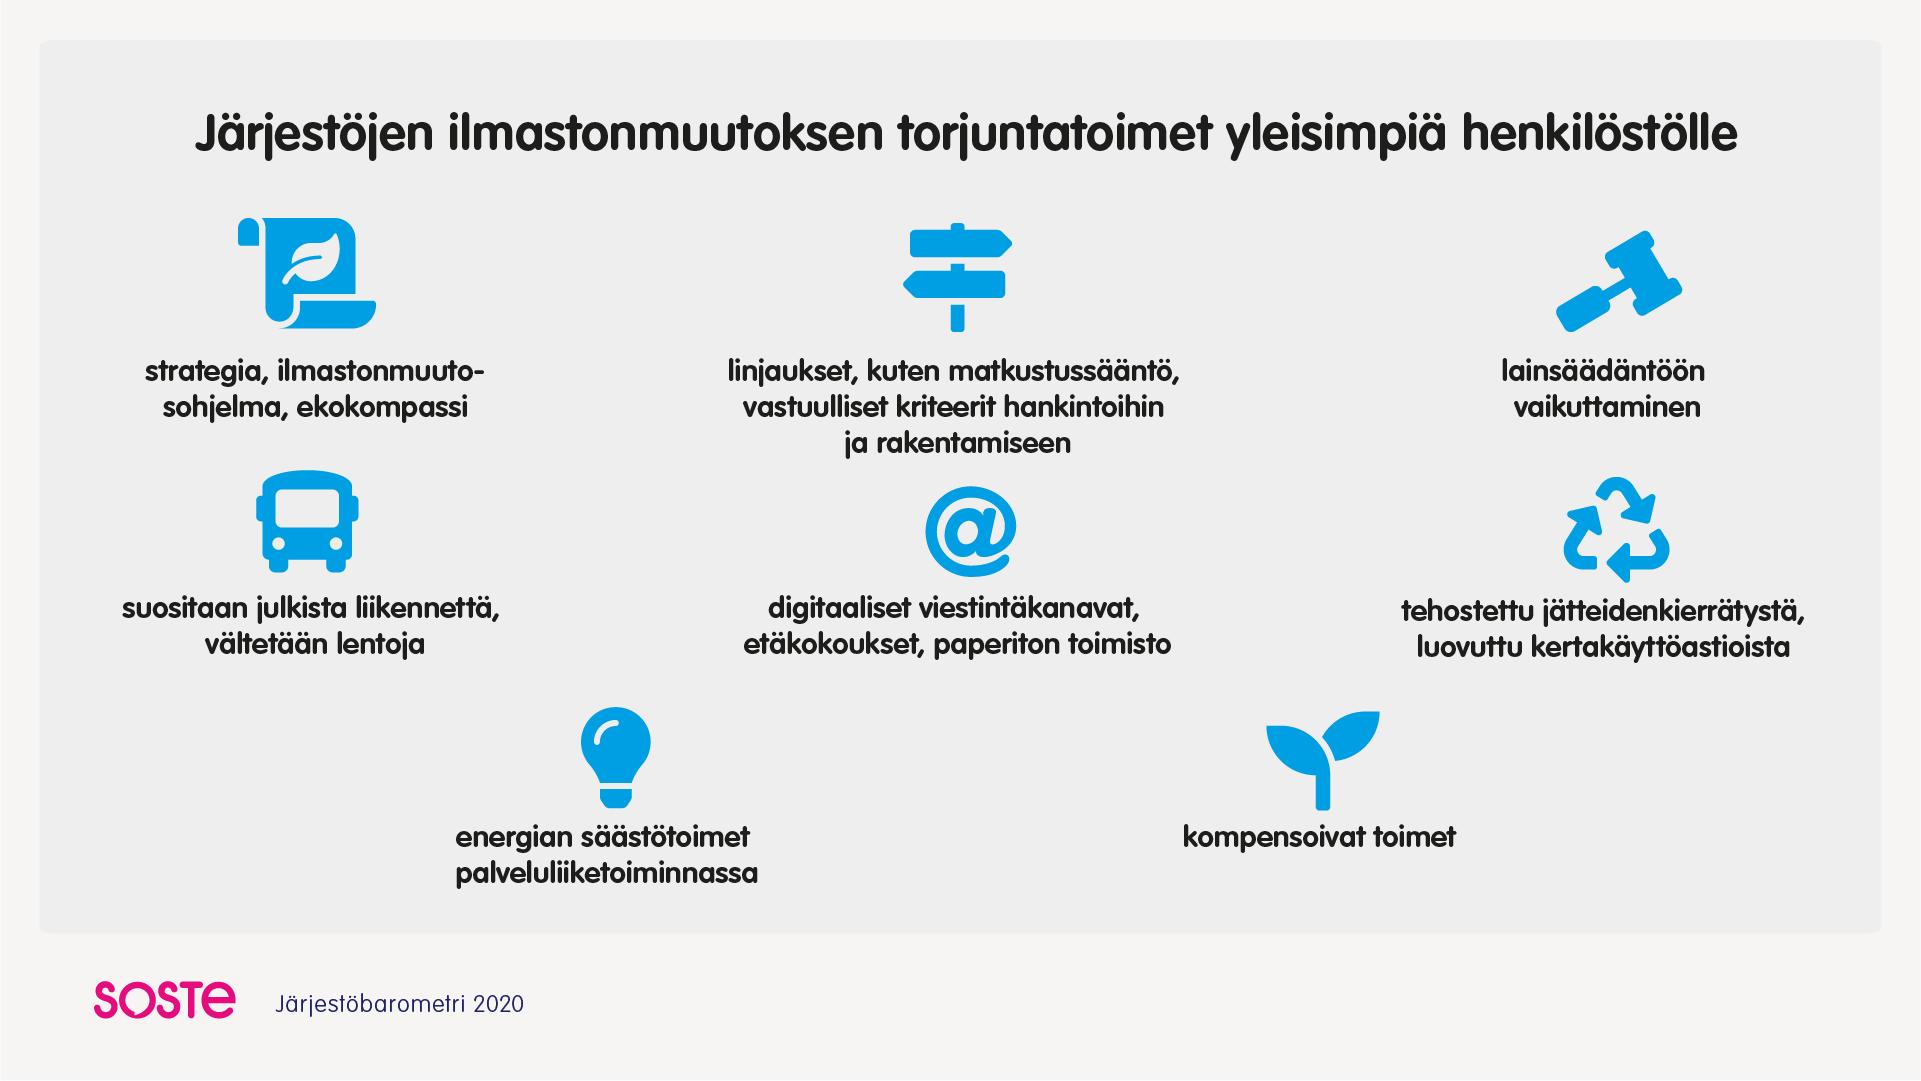 Kuva, jossa otsikkoteksti ja kahdeksan graafia selityksineen. Kuvan alalaidassa SOSTEn logo ja teksti Järjestöbarometri 2020.